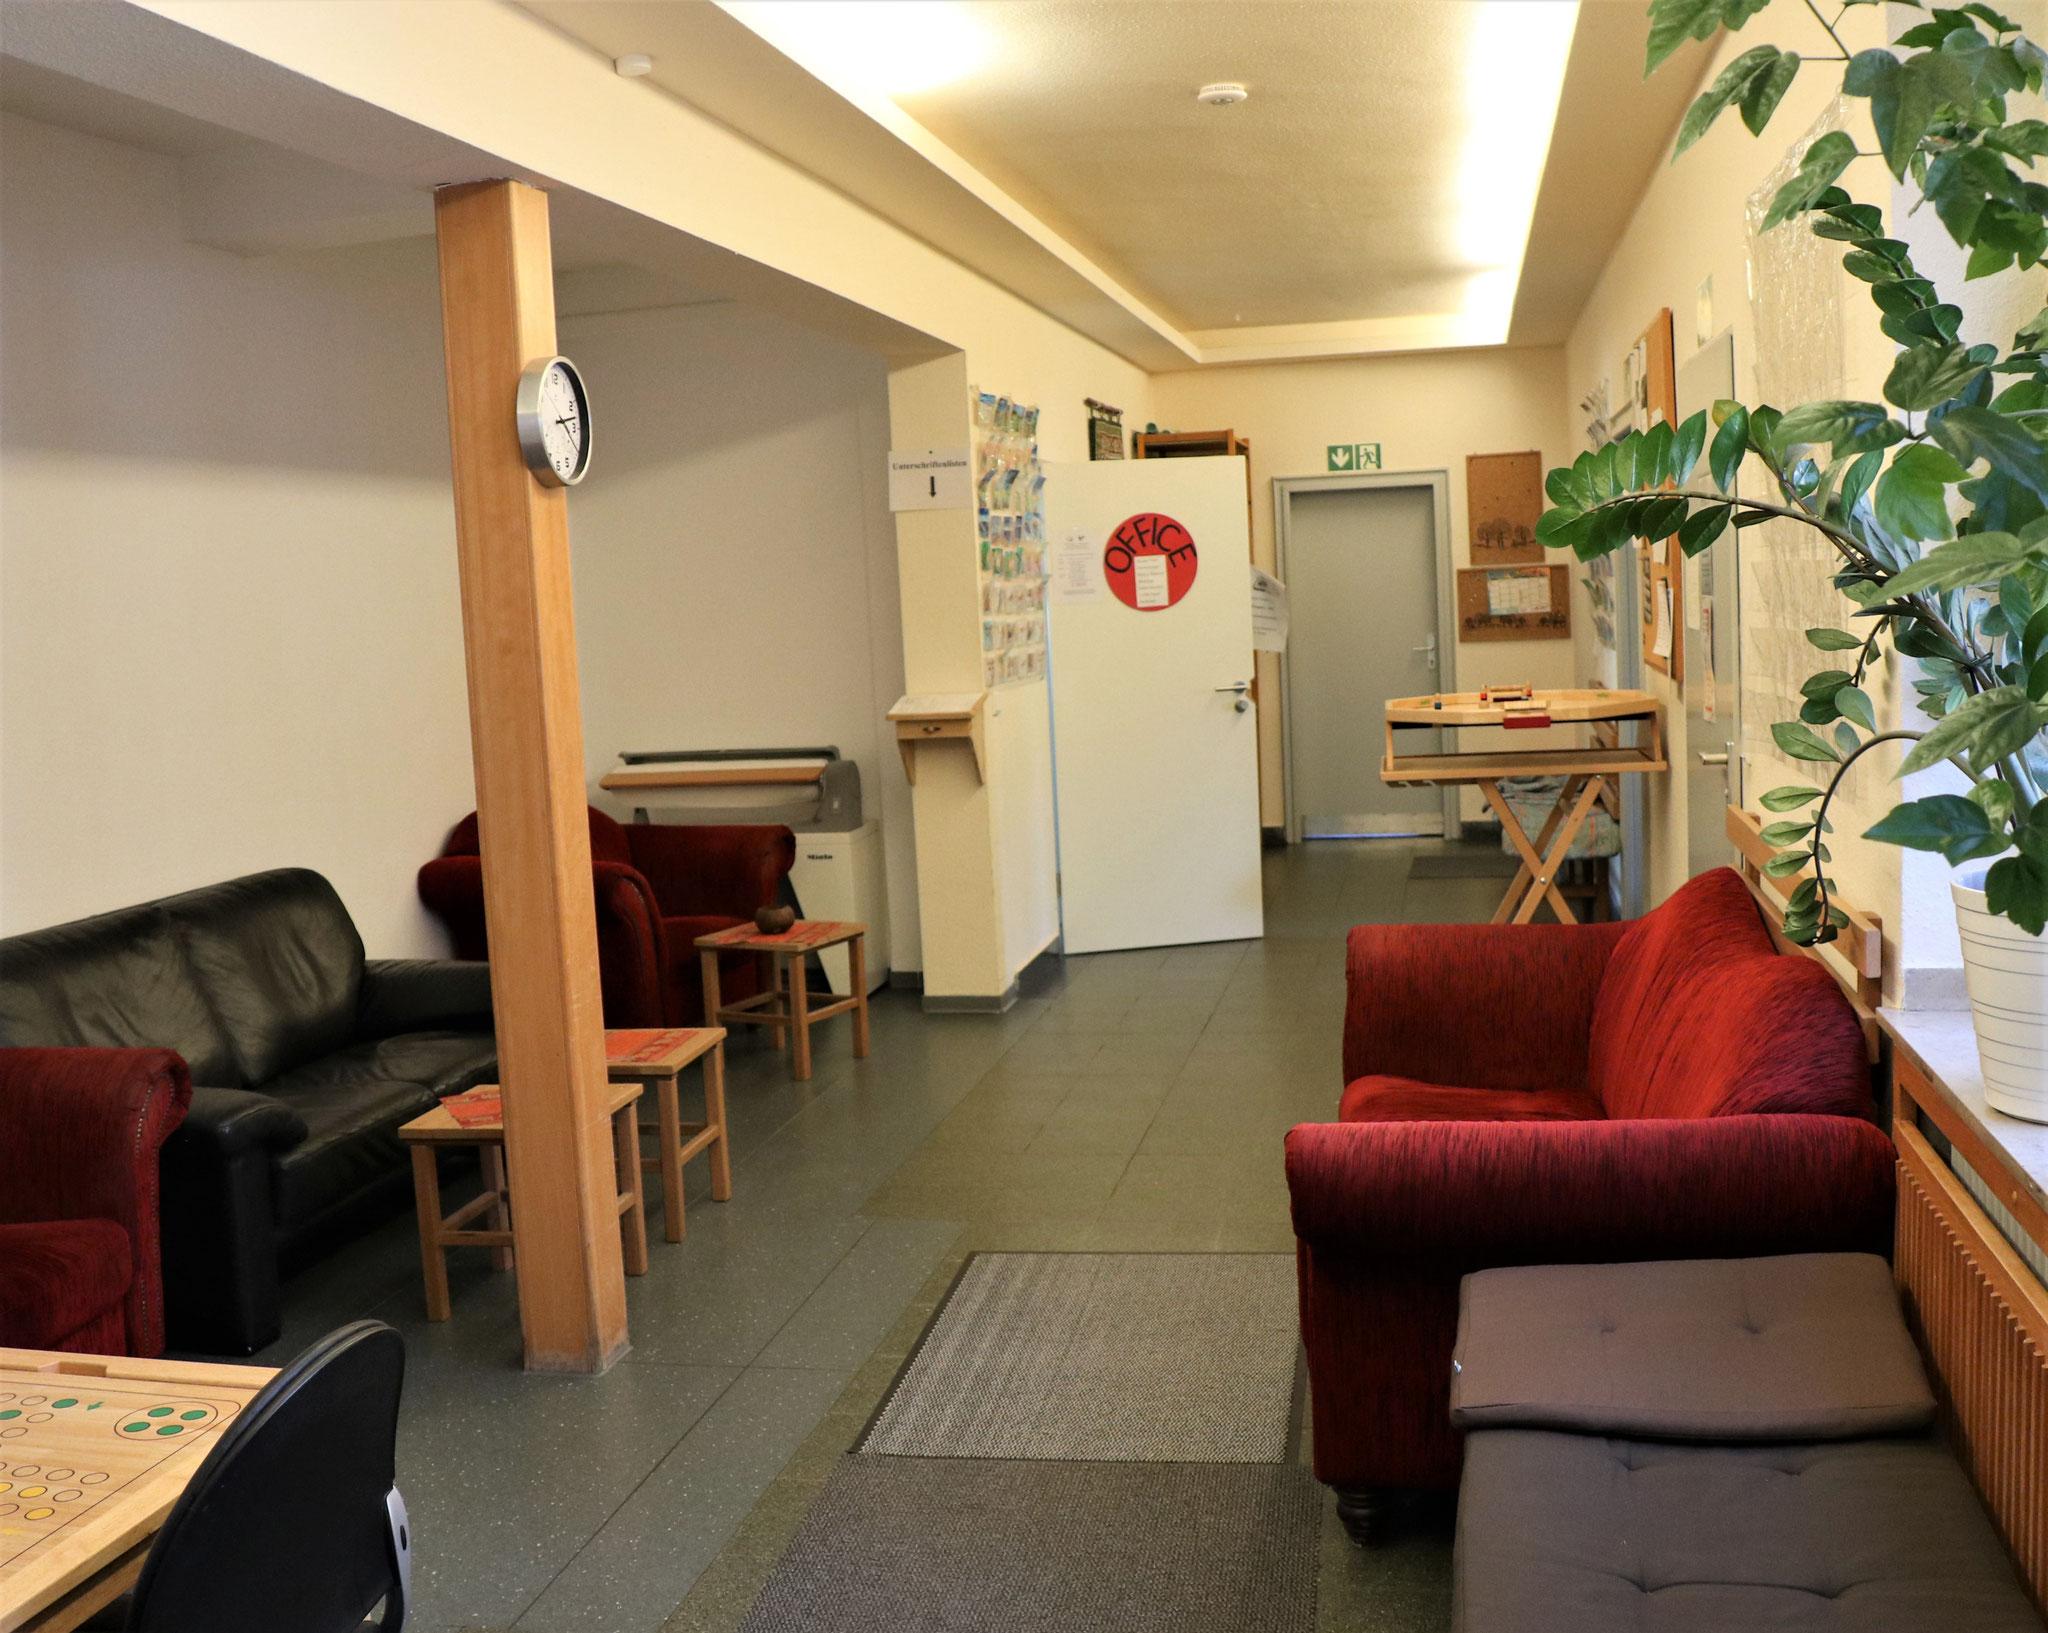 Blick vom Hintereingang/Lift Richtung Bewegungs-/Musikraum + Ruhezone (hinten li + mittig)